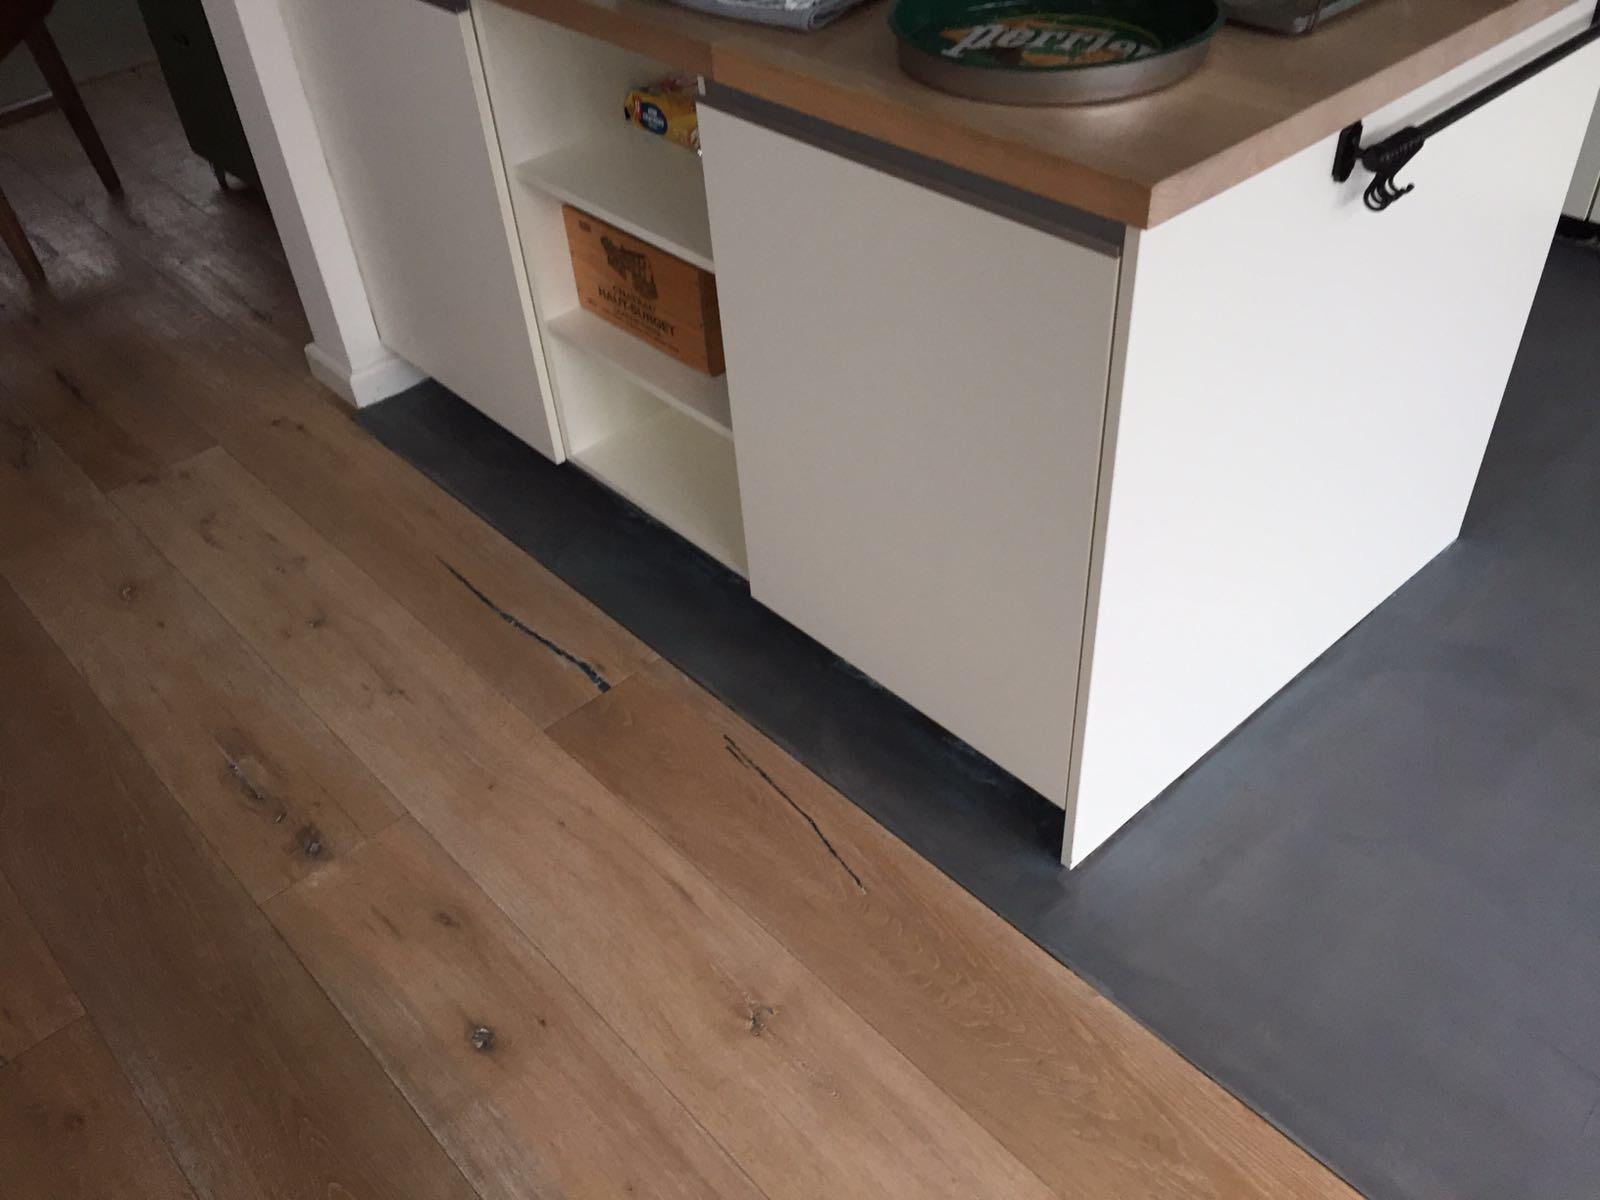 Vloer In Keuken : Leef beton keukenvloer u2013 waterdichte betonlook vloer voor in de keuken